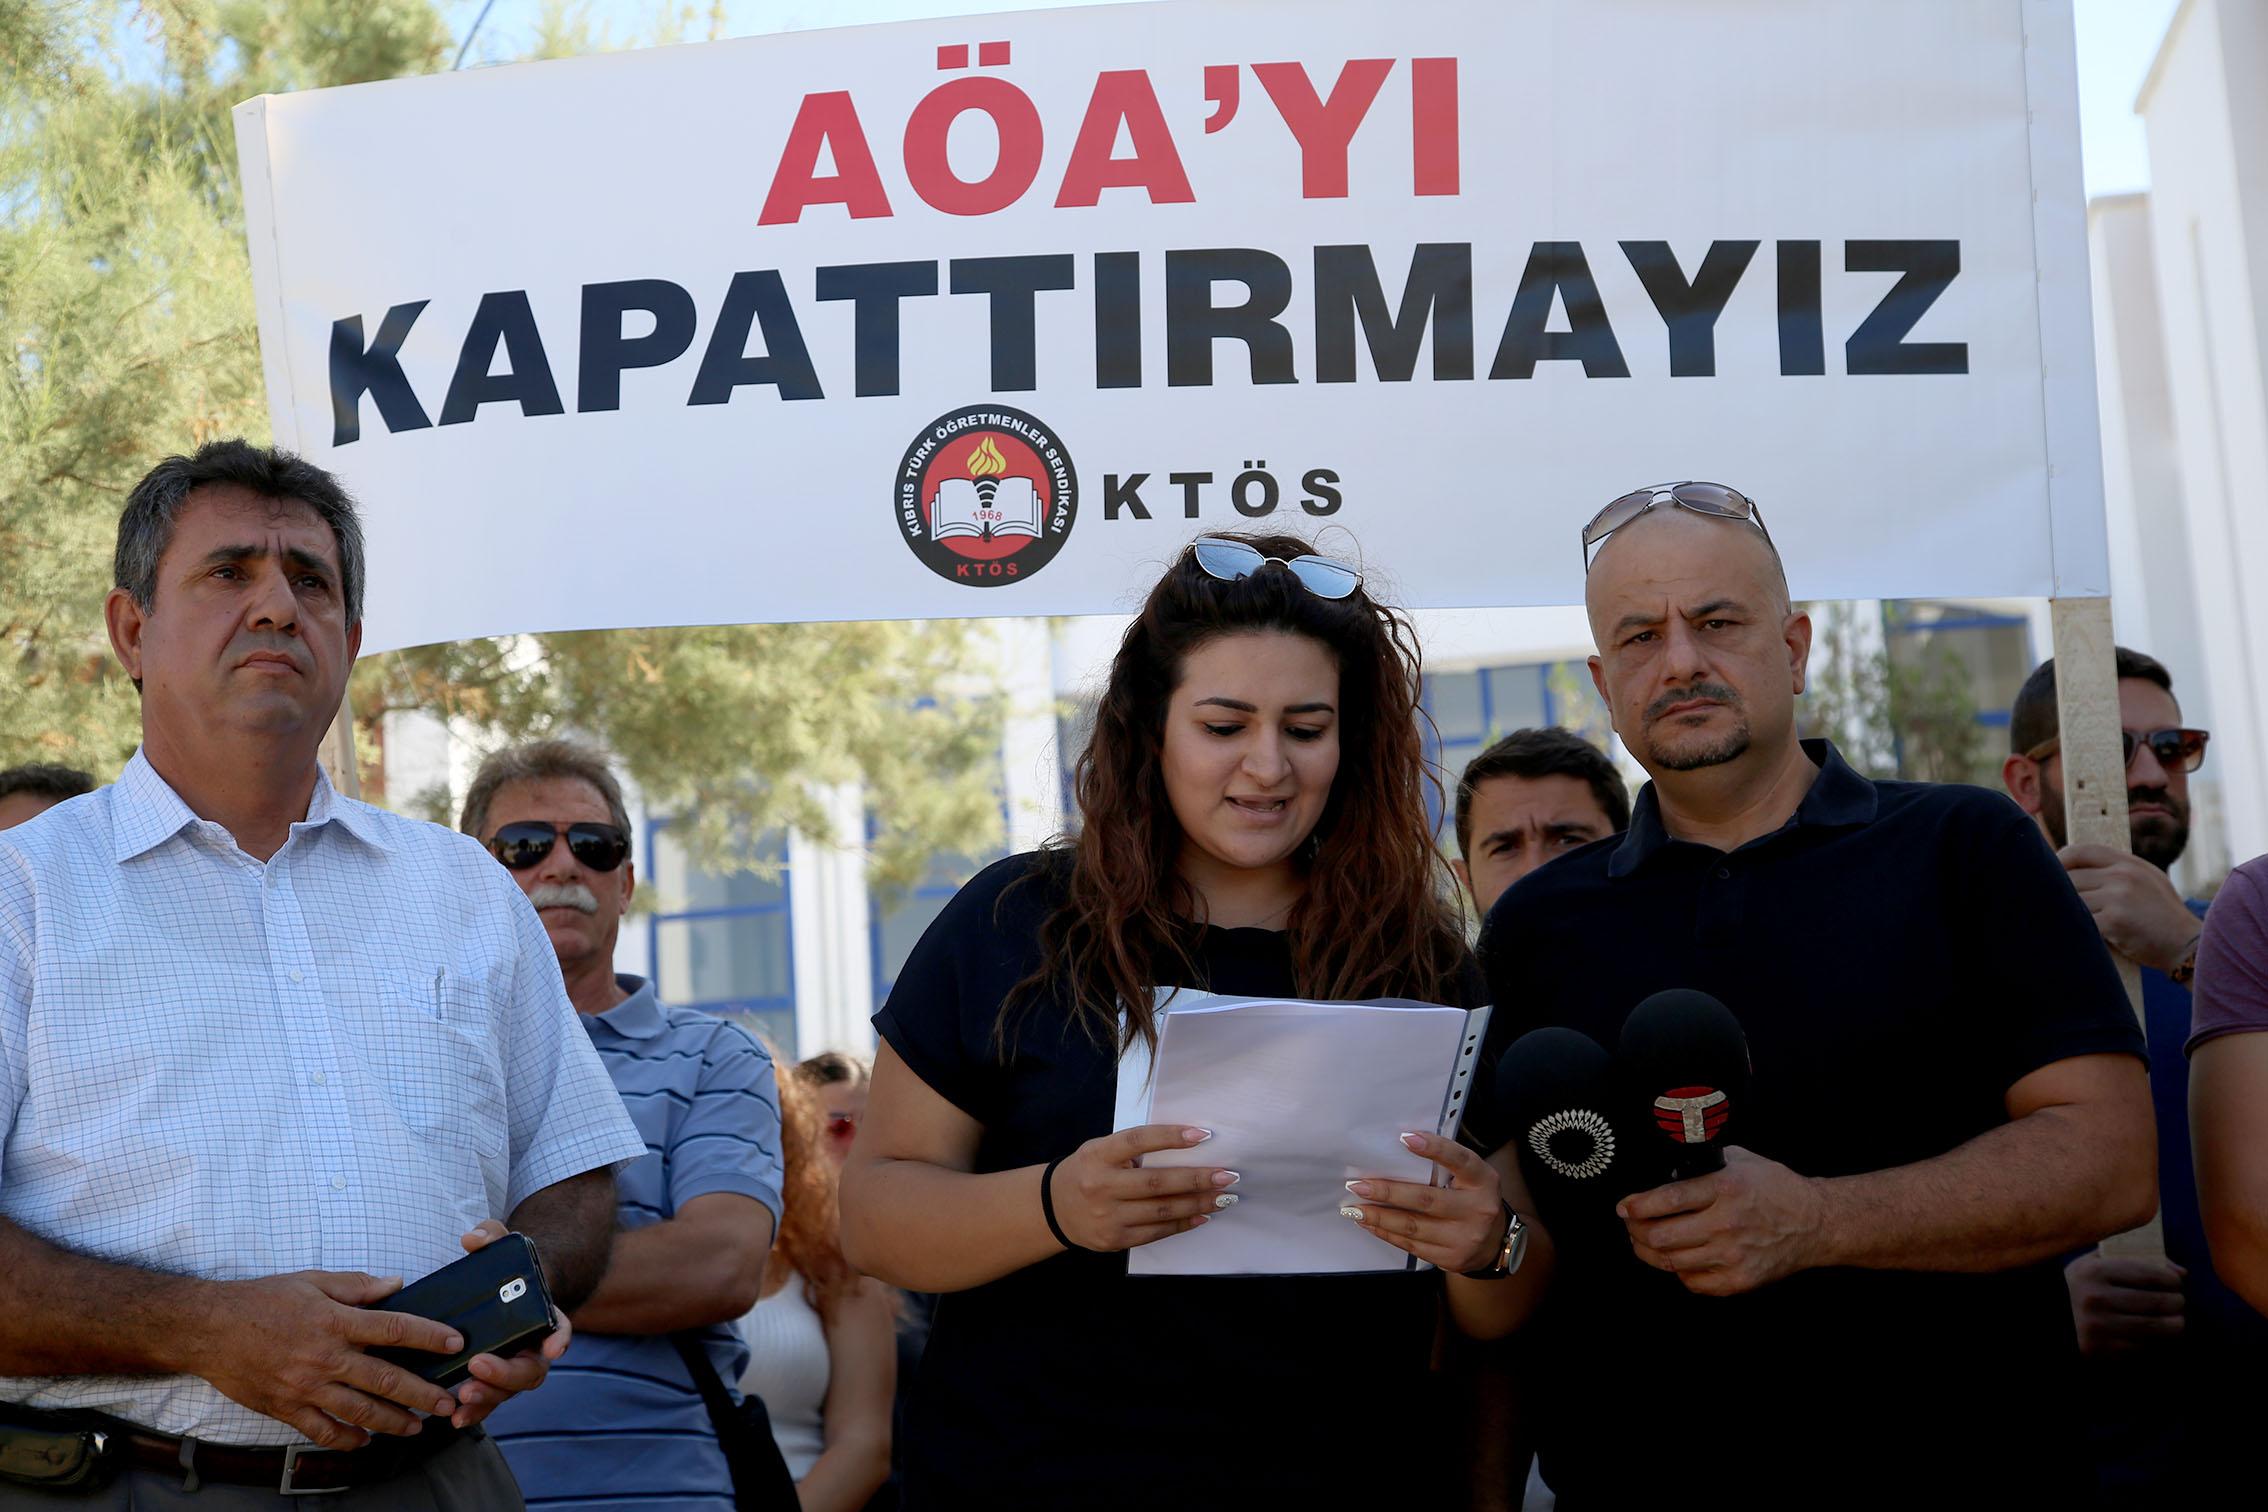 AÖA Öğrencileri: AÖA'yı kapatacak adımların karşısında olacağız!